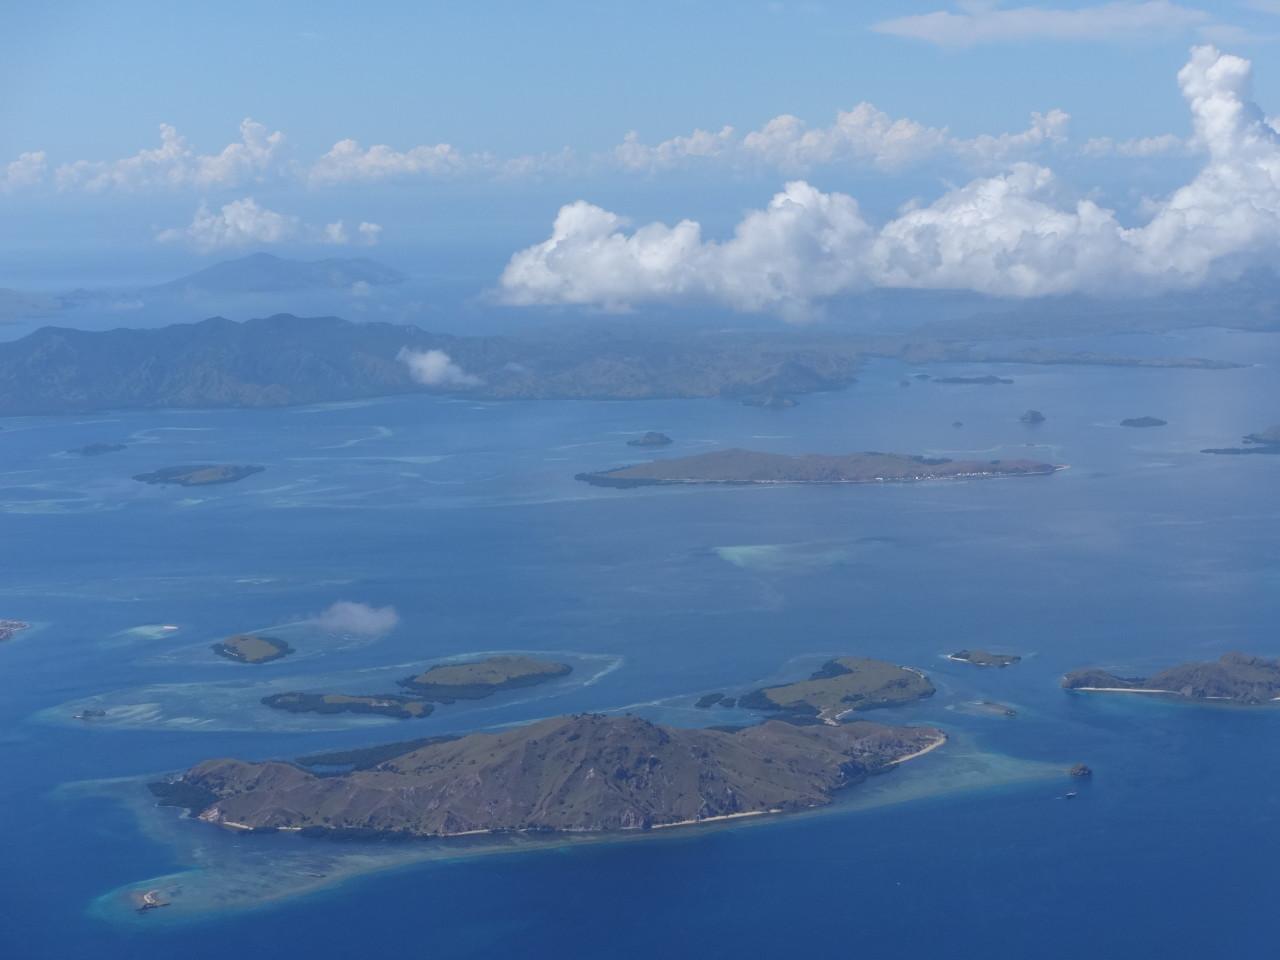 Diese Inselwelt ist nur scheinbar ein ungefährliches Paradies f1rstlife/Elisa Miebach